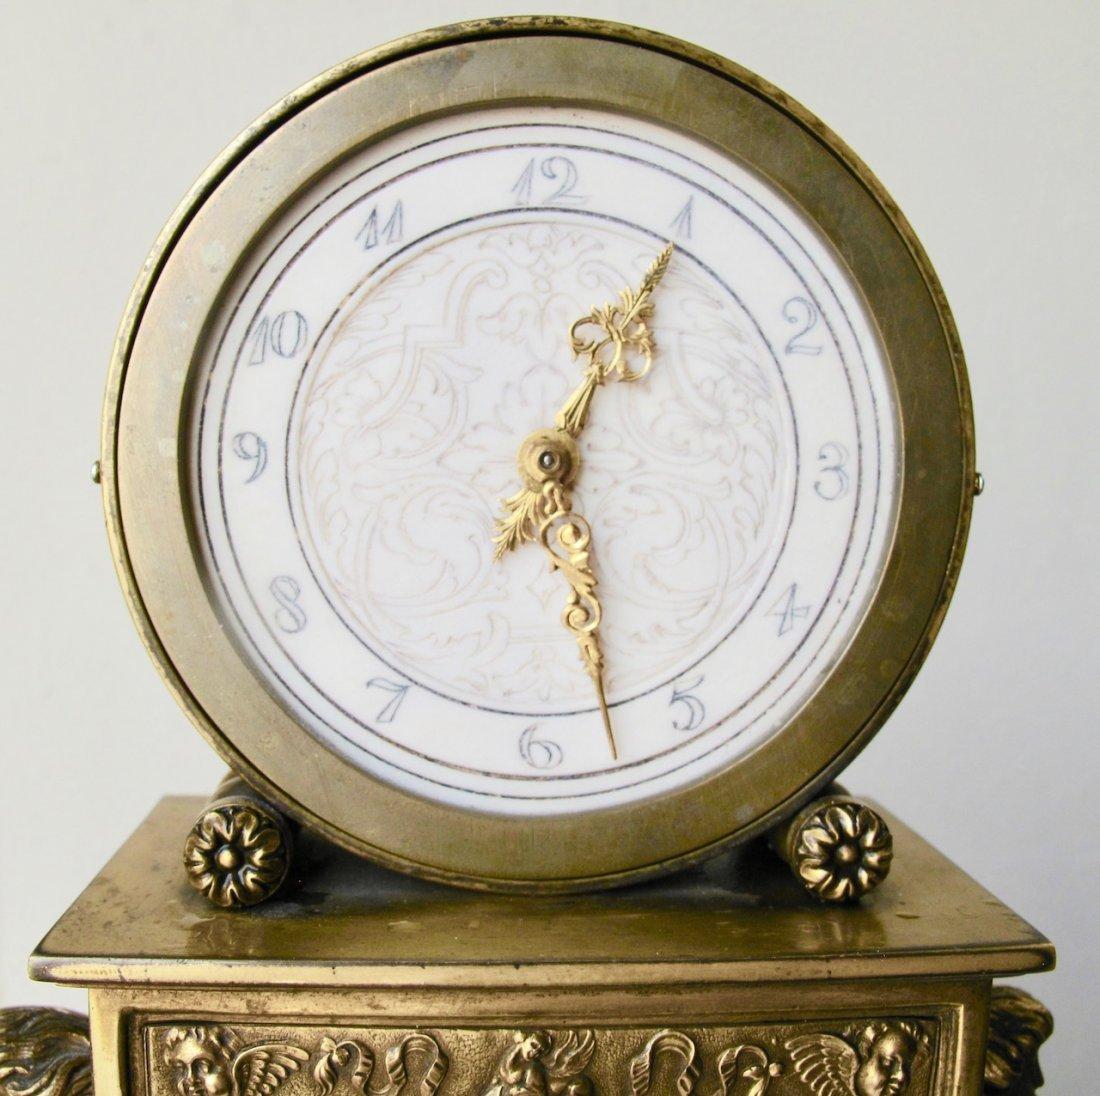 Edward F. Caldwell & Co. Fine Mantel Clock - 5